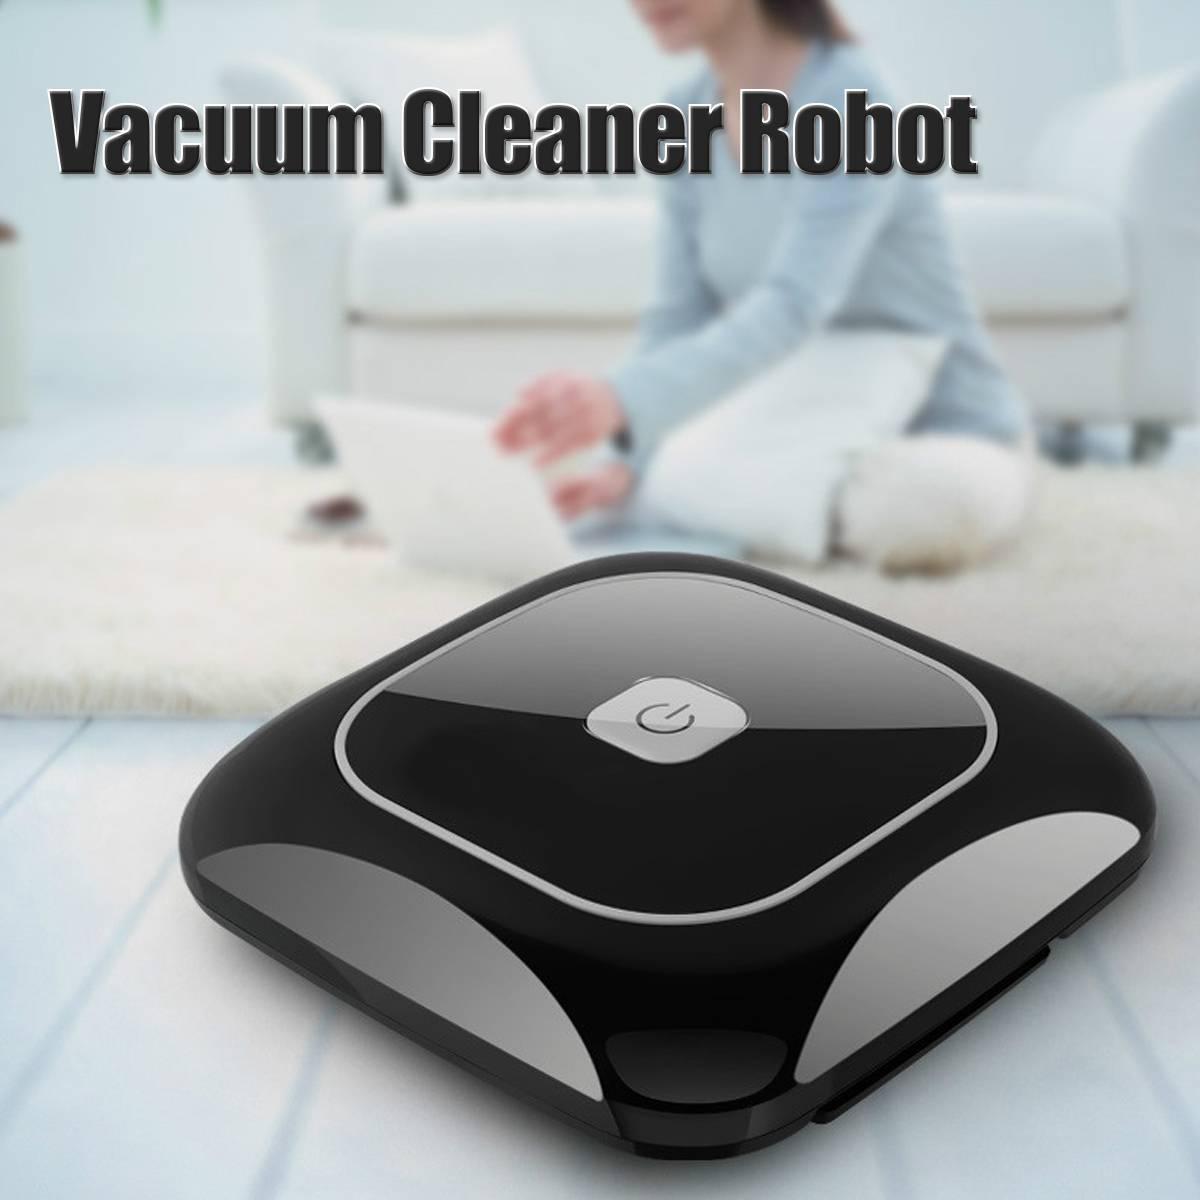 Automatique Robot Aspirateur Puissant Aspiration pet cheveux maison au sec humide essuyant robot de nettoyage Auto Charge vide